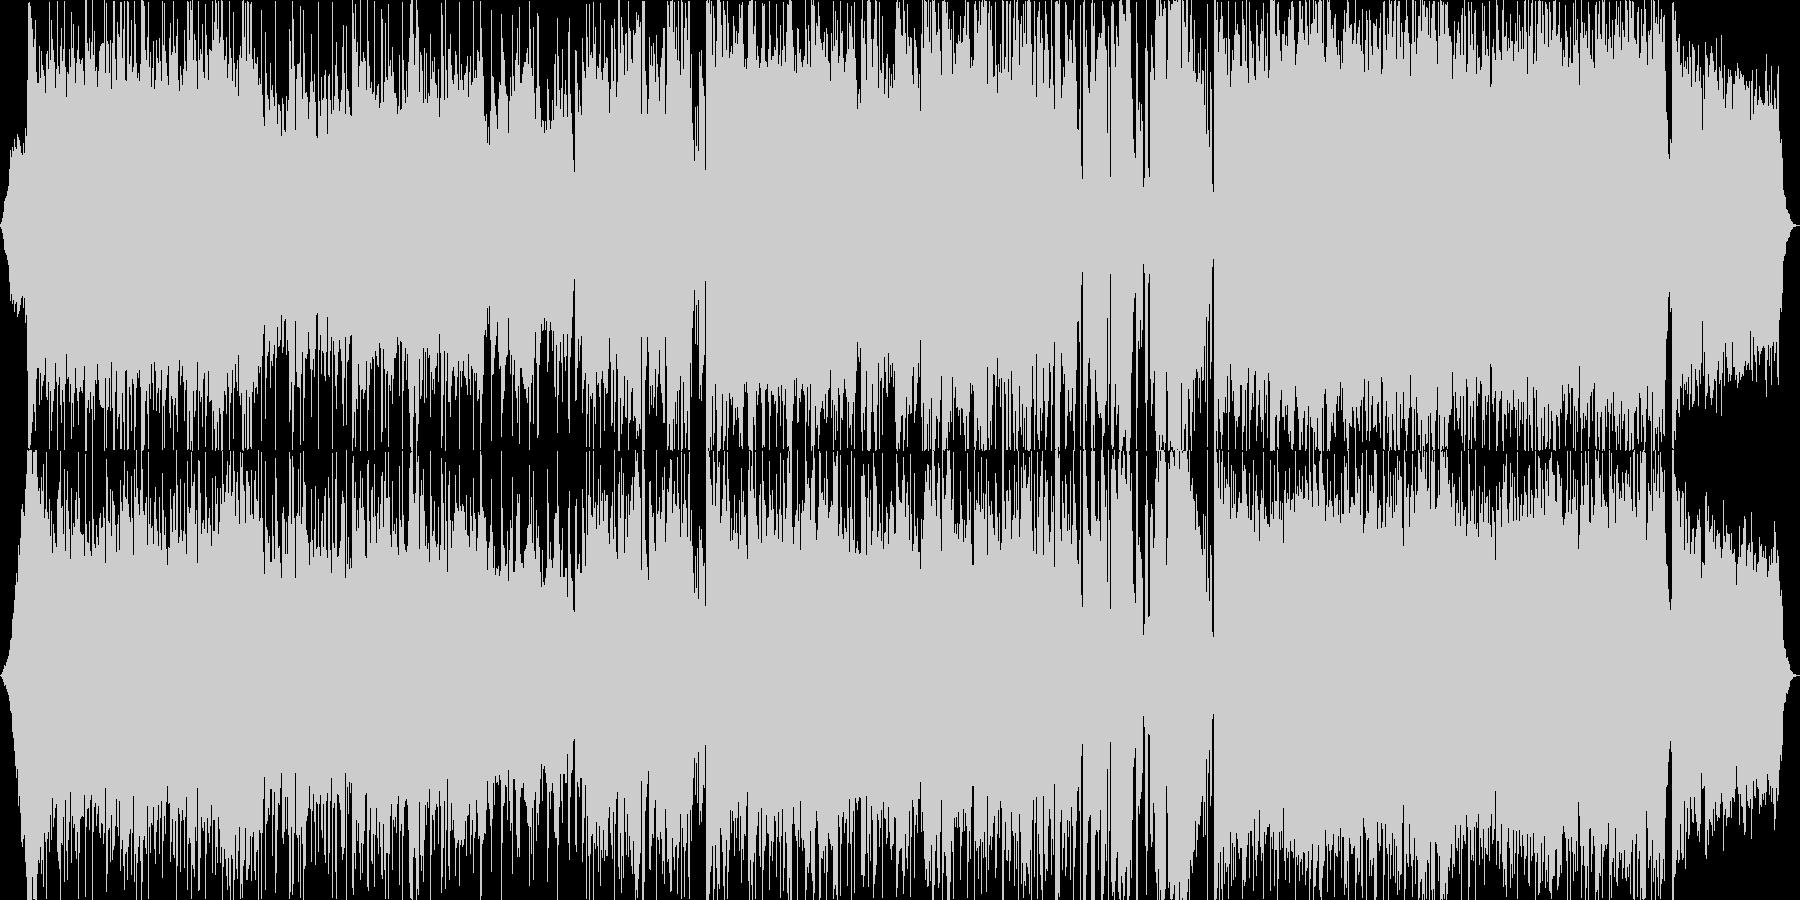 夏のイメージの軽快なポップロックです。の未再生の波形